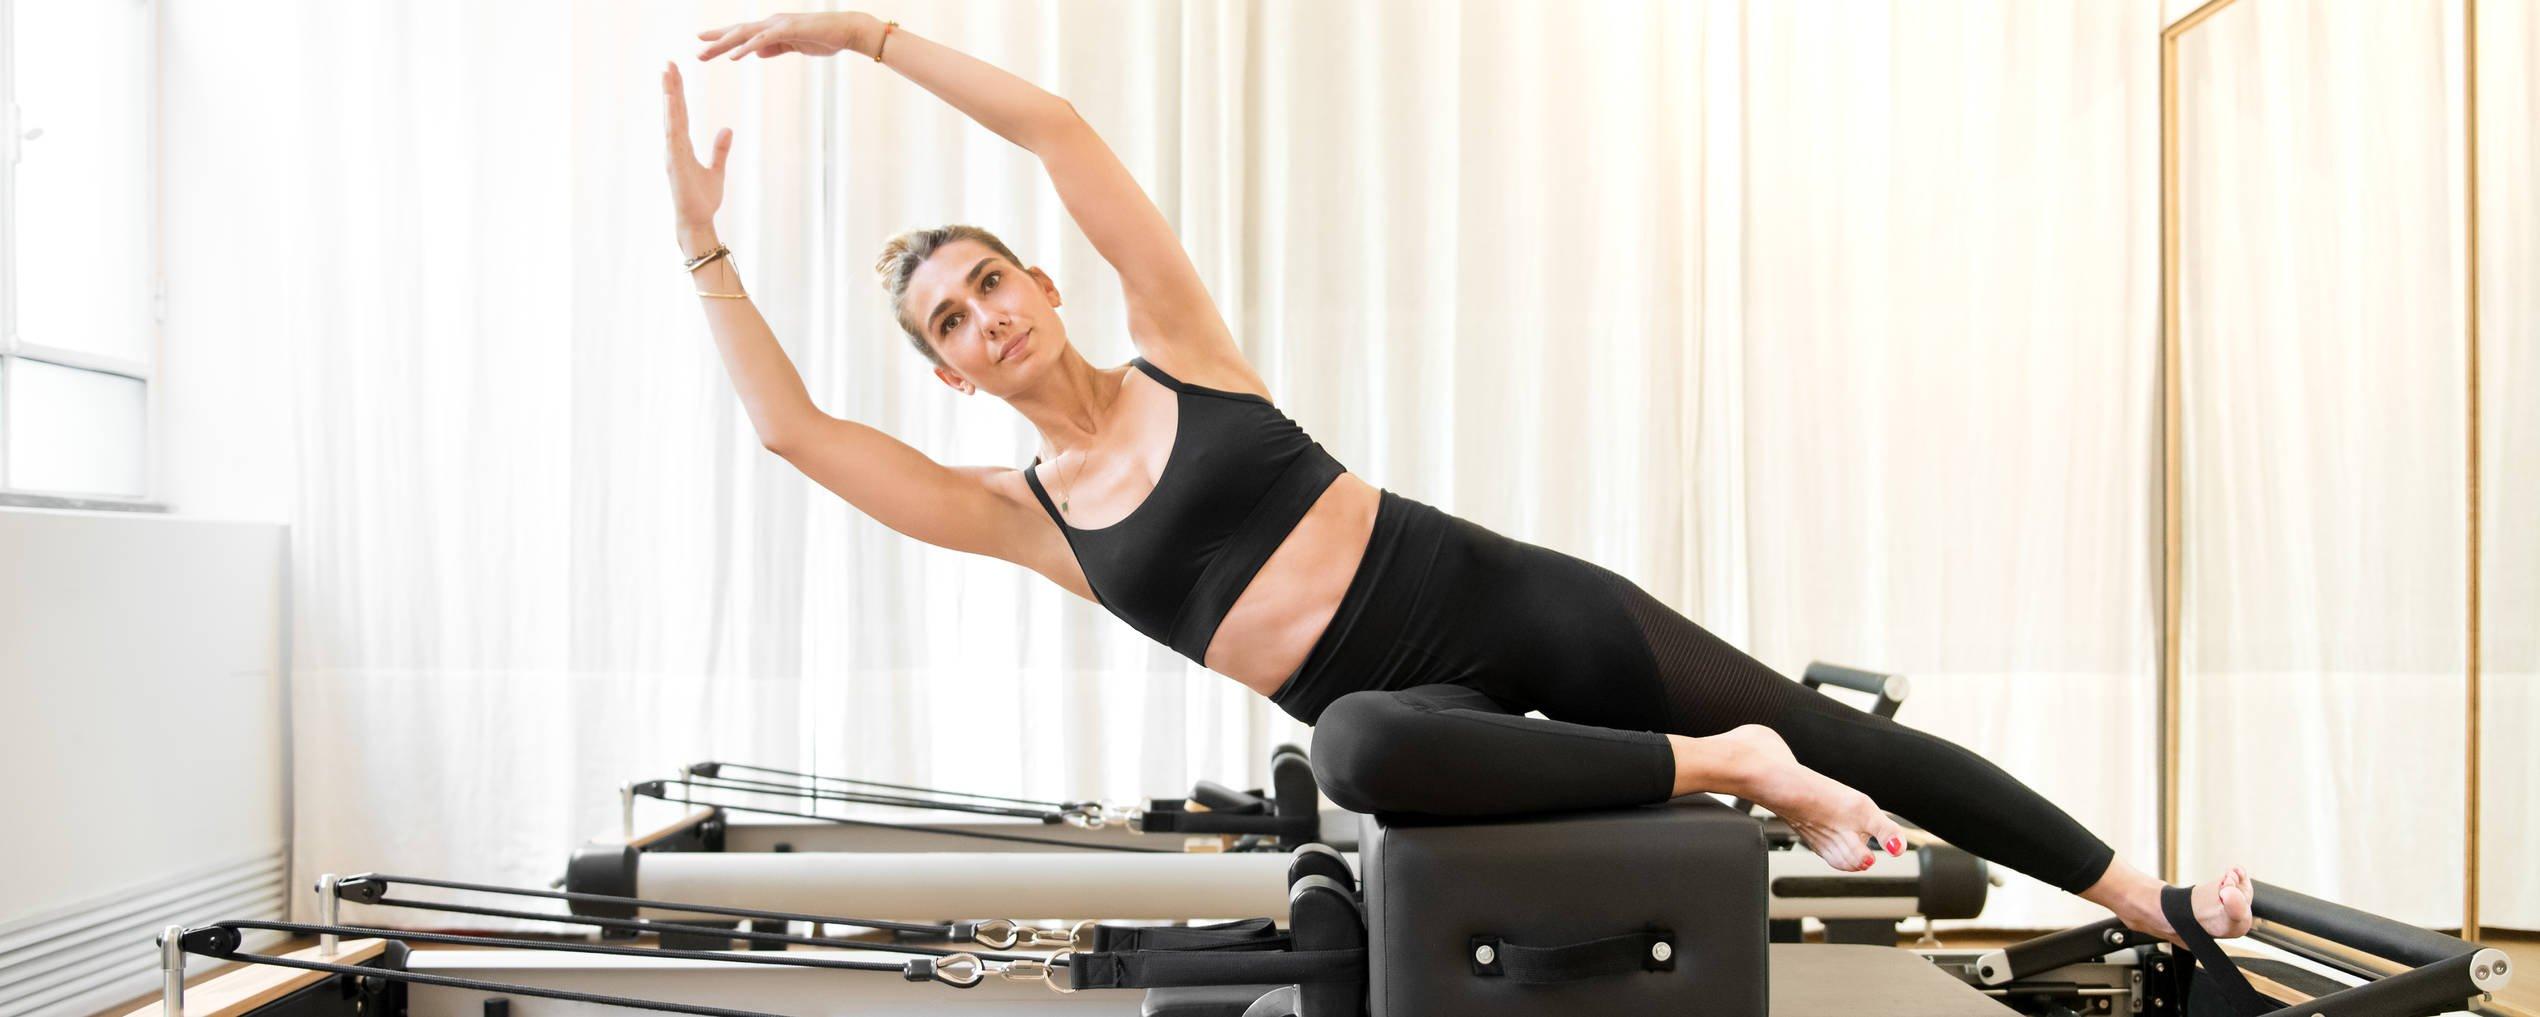 pilates-core-strength-technique